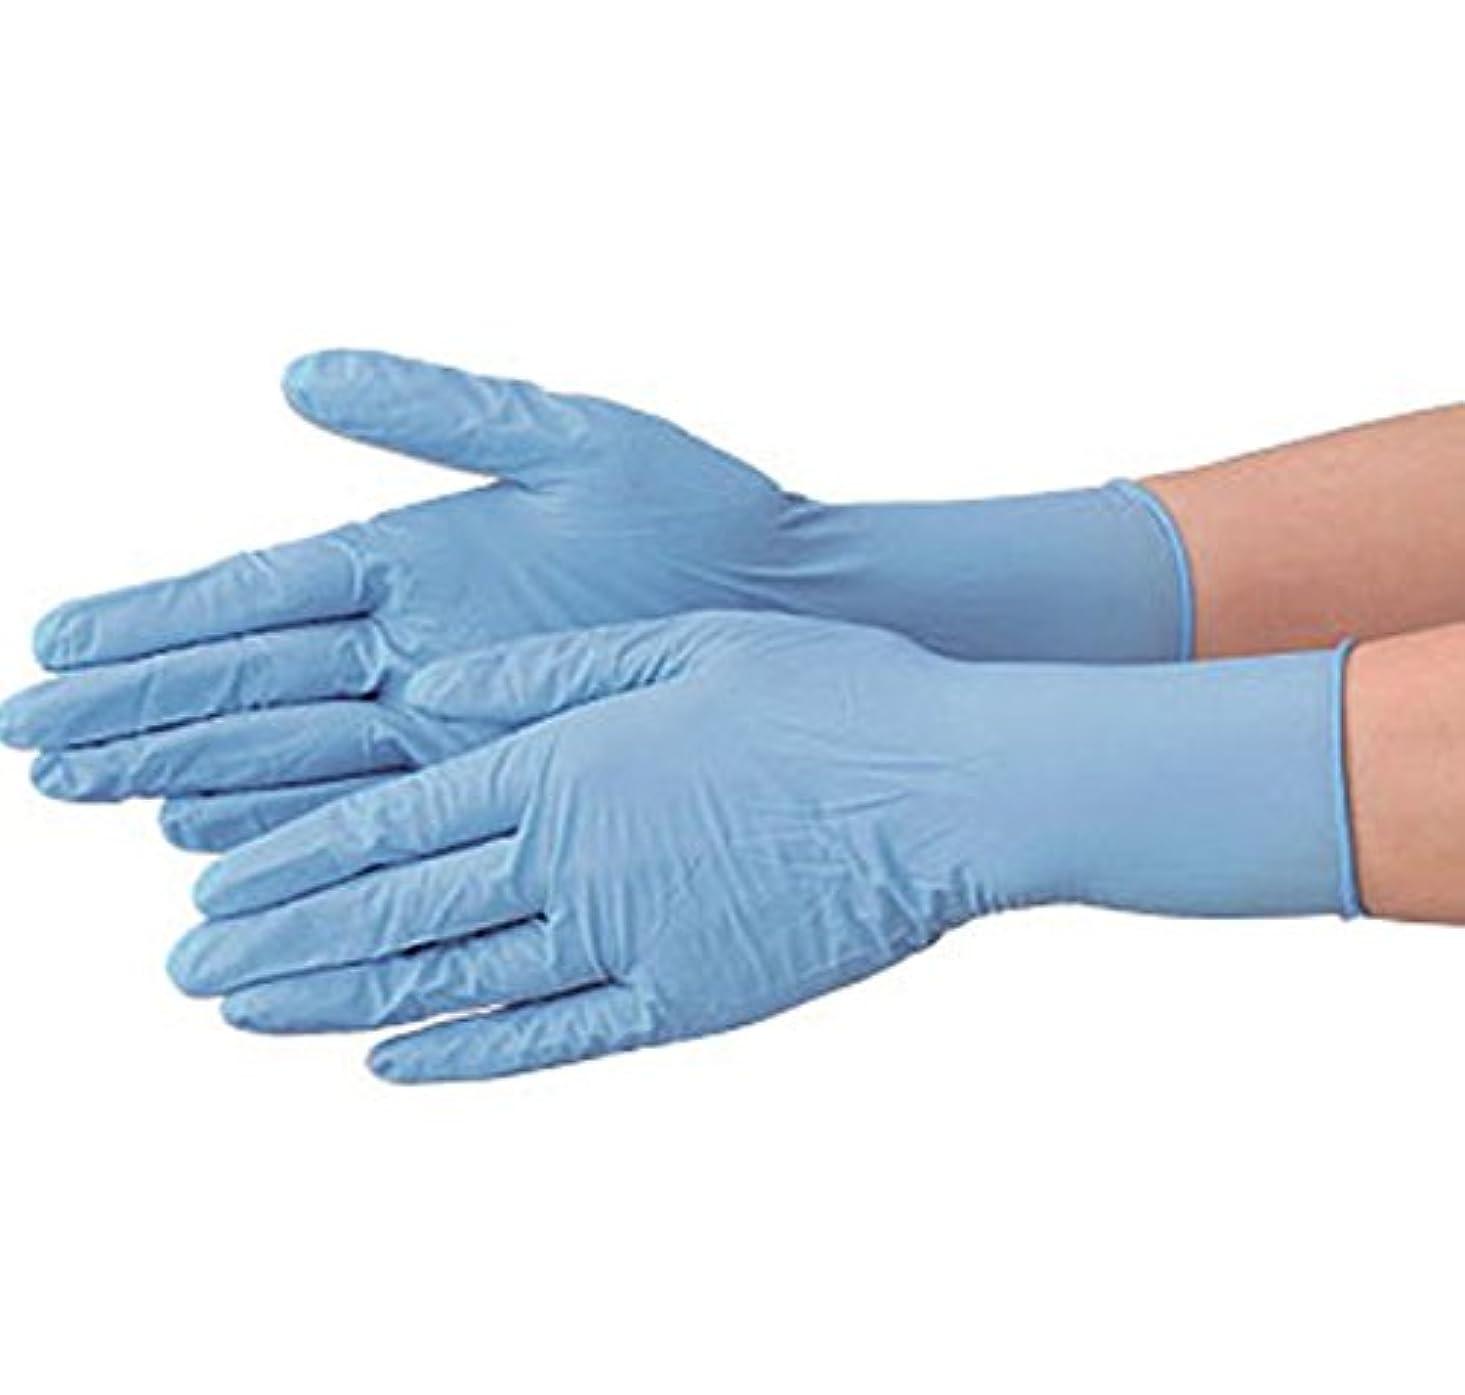 野望アクチュエータアンカー使い捨て 手袋 エブノ 573 ニトリルNEOプラス ブルー Sサイズ パウダー付き 2ケース(100枚×40箱)